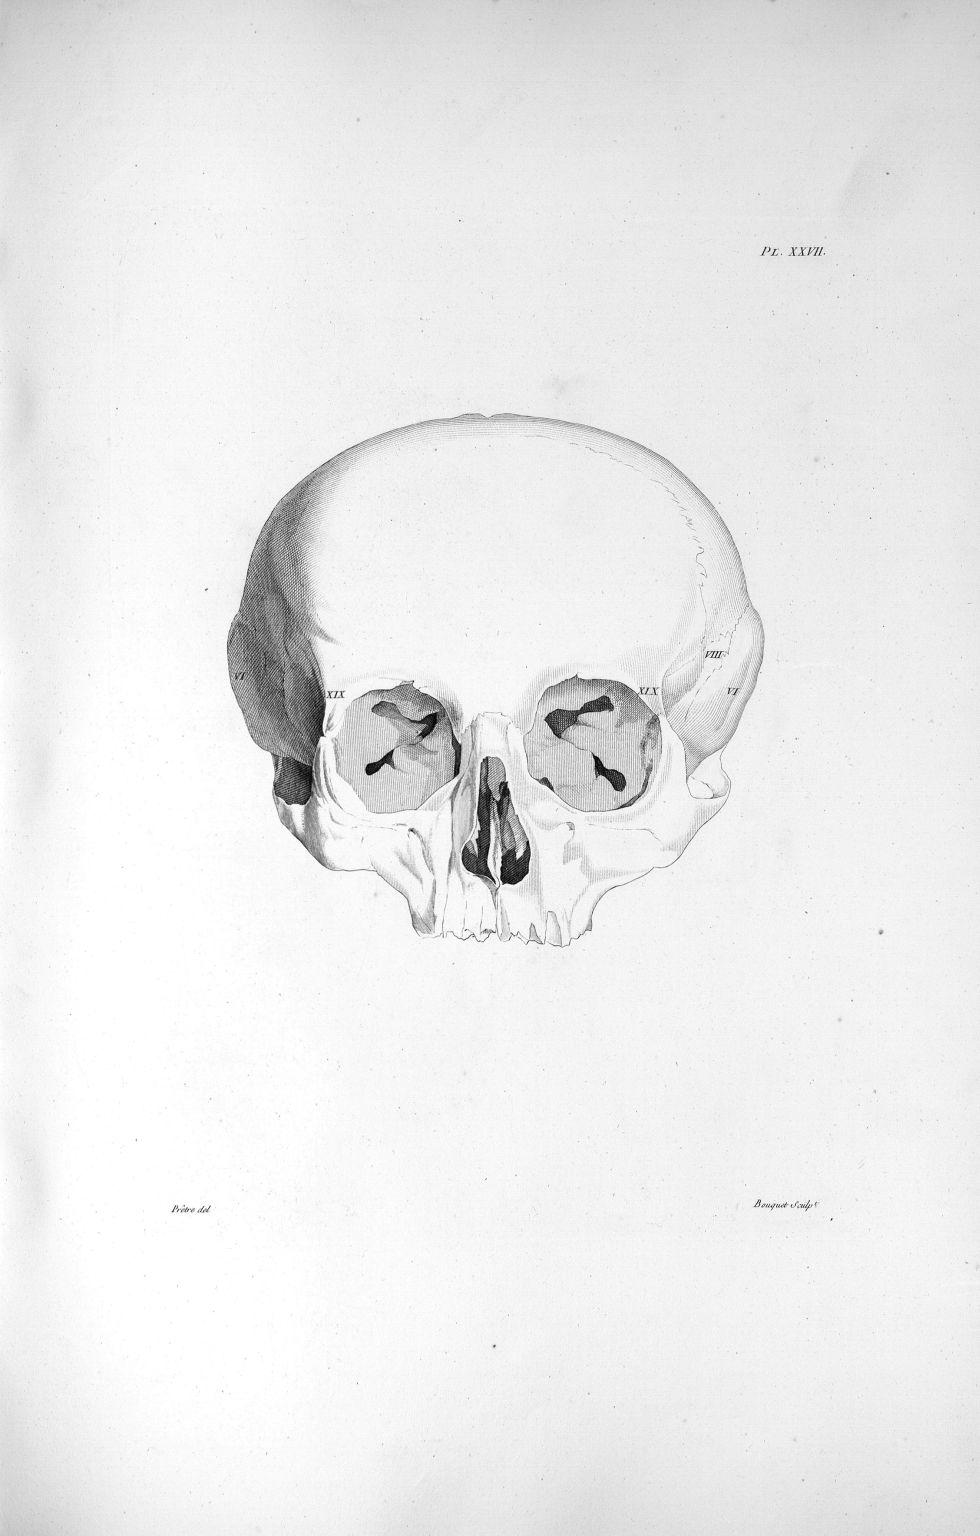 Pl. XXVII. Crâne d'une femme publique, passionnée pour le vol, morte dans la prison de Grätz en Stir [...] - Anatomie. Neurologie. Crânes. Phrénologie. 19e siècle (France) - med00575xatlasx0037